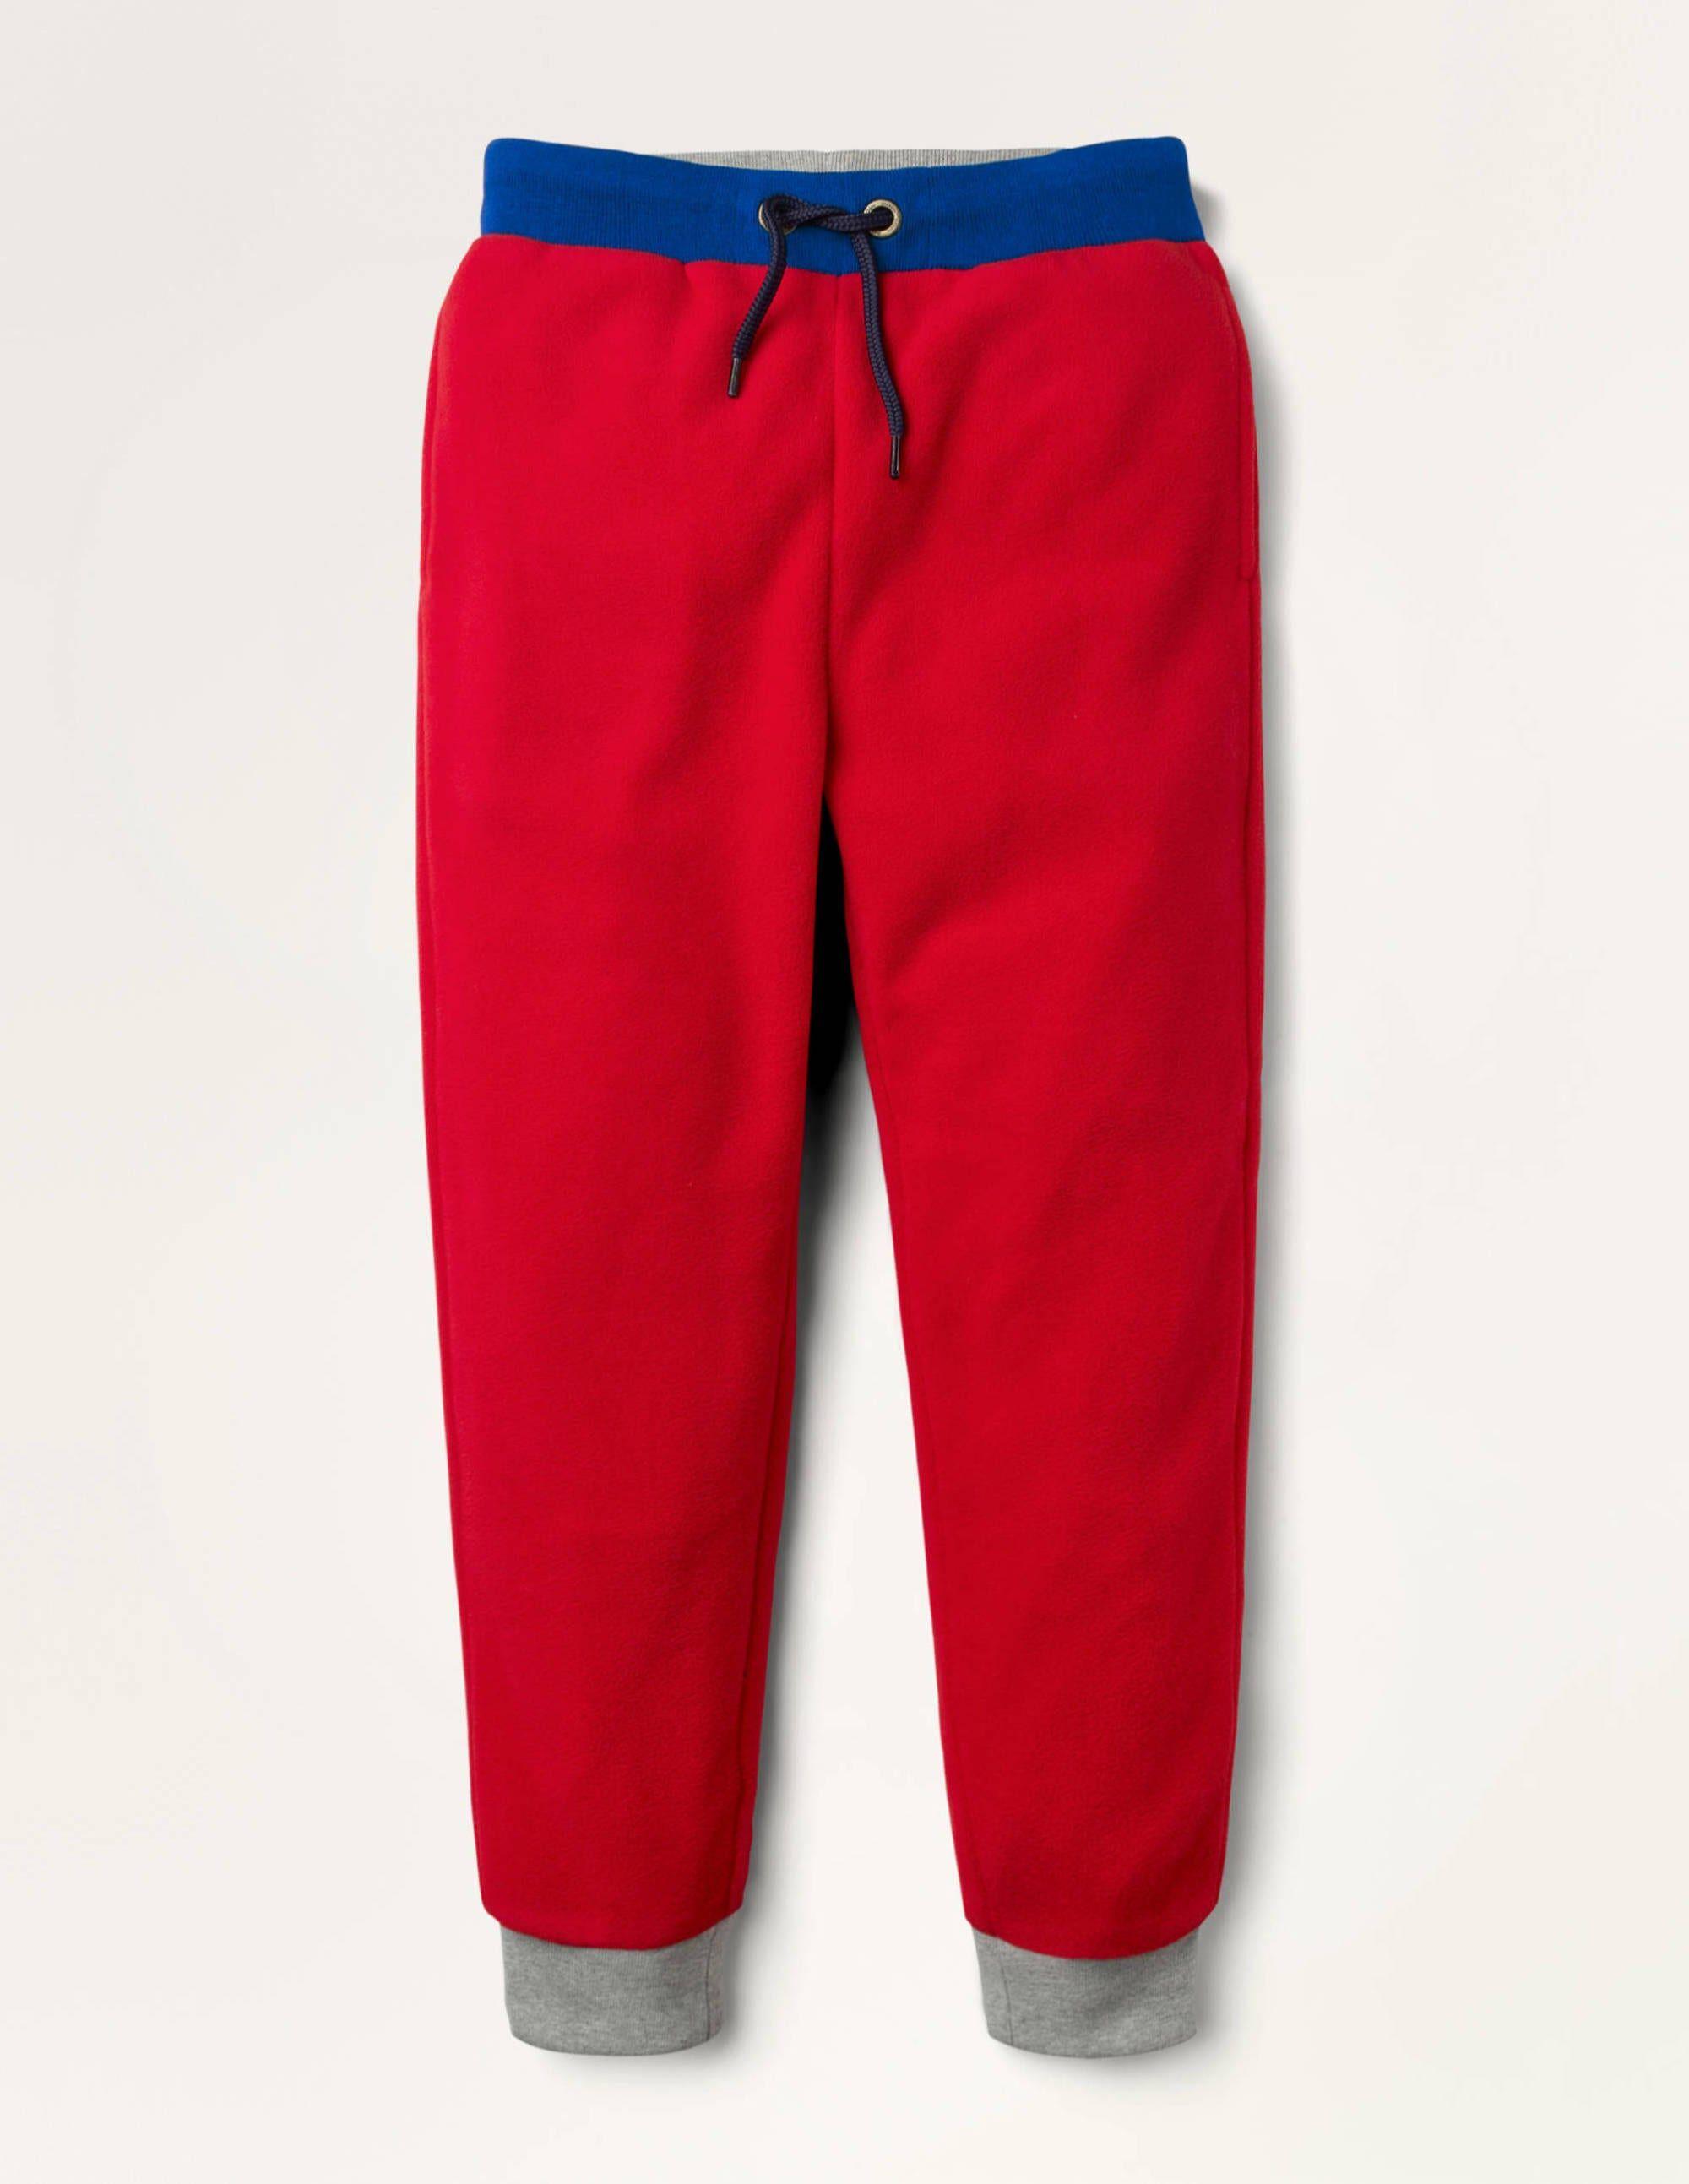 Mini Bas de jogging en micro-polaire RED Garçon Boden, Red - 11a